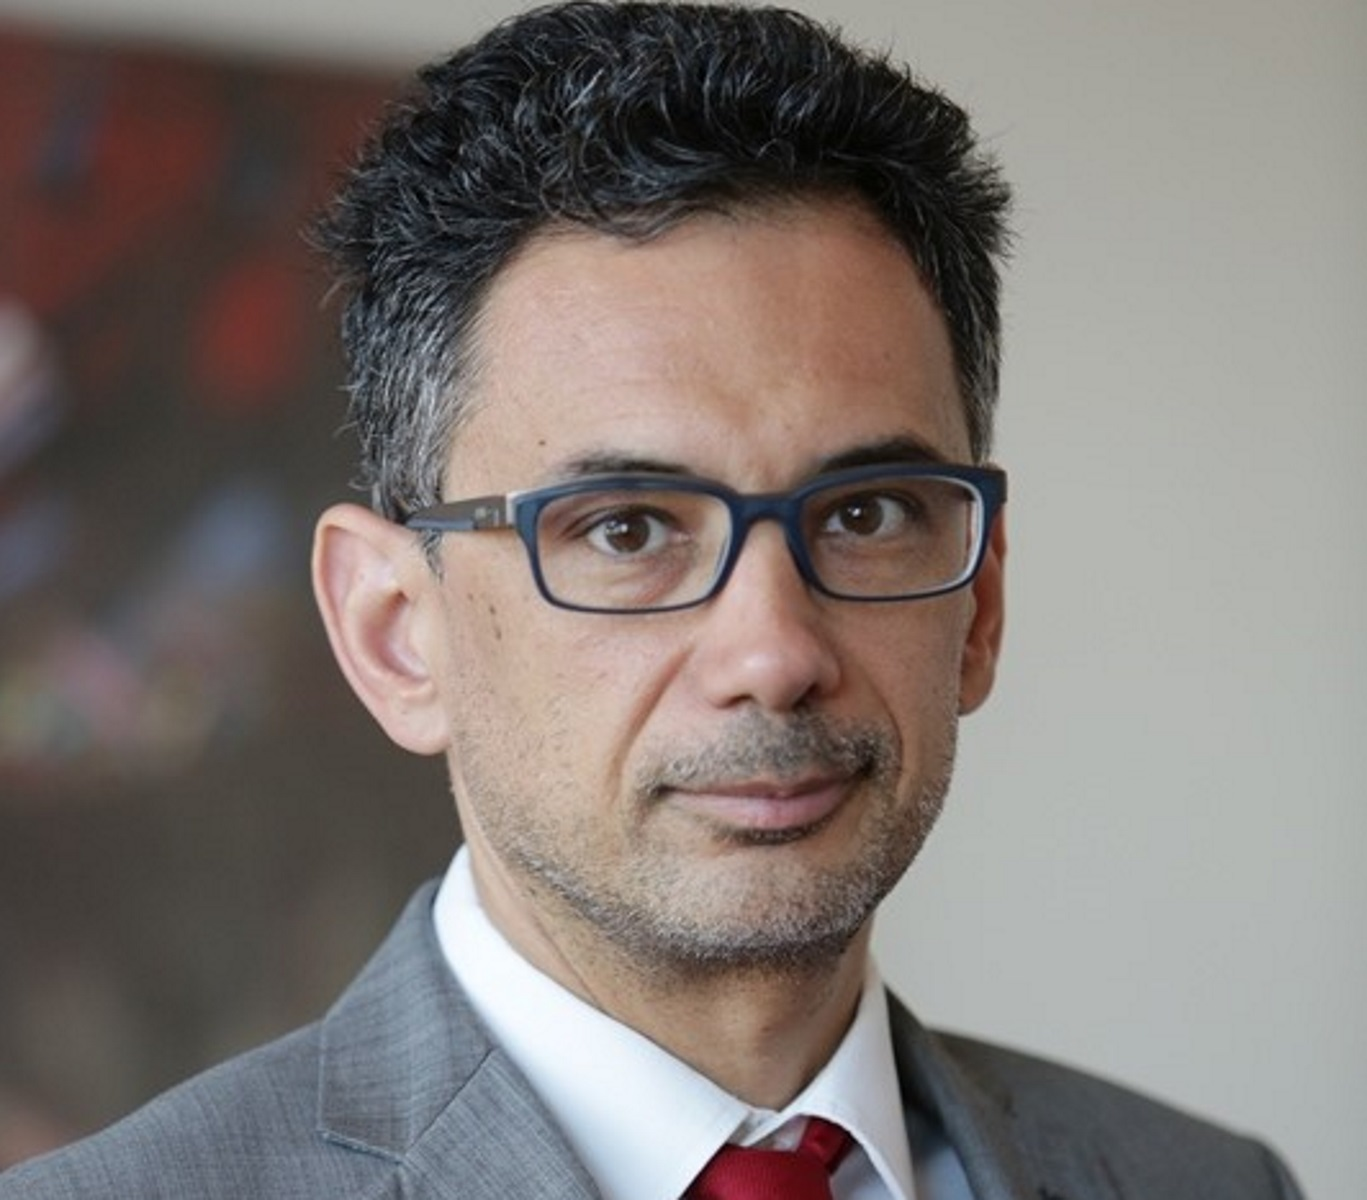 Καντώρος διευθύνων σύμβουλος INTERAMERICAN: «Βιώσιμες μόνο οι εταιρείες που είναι έτοιμες για το απροσδόκητο»